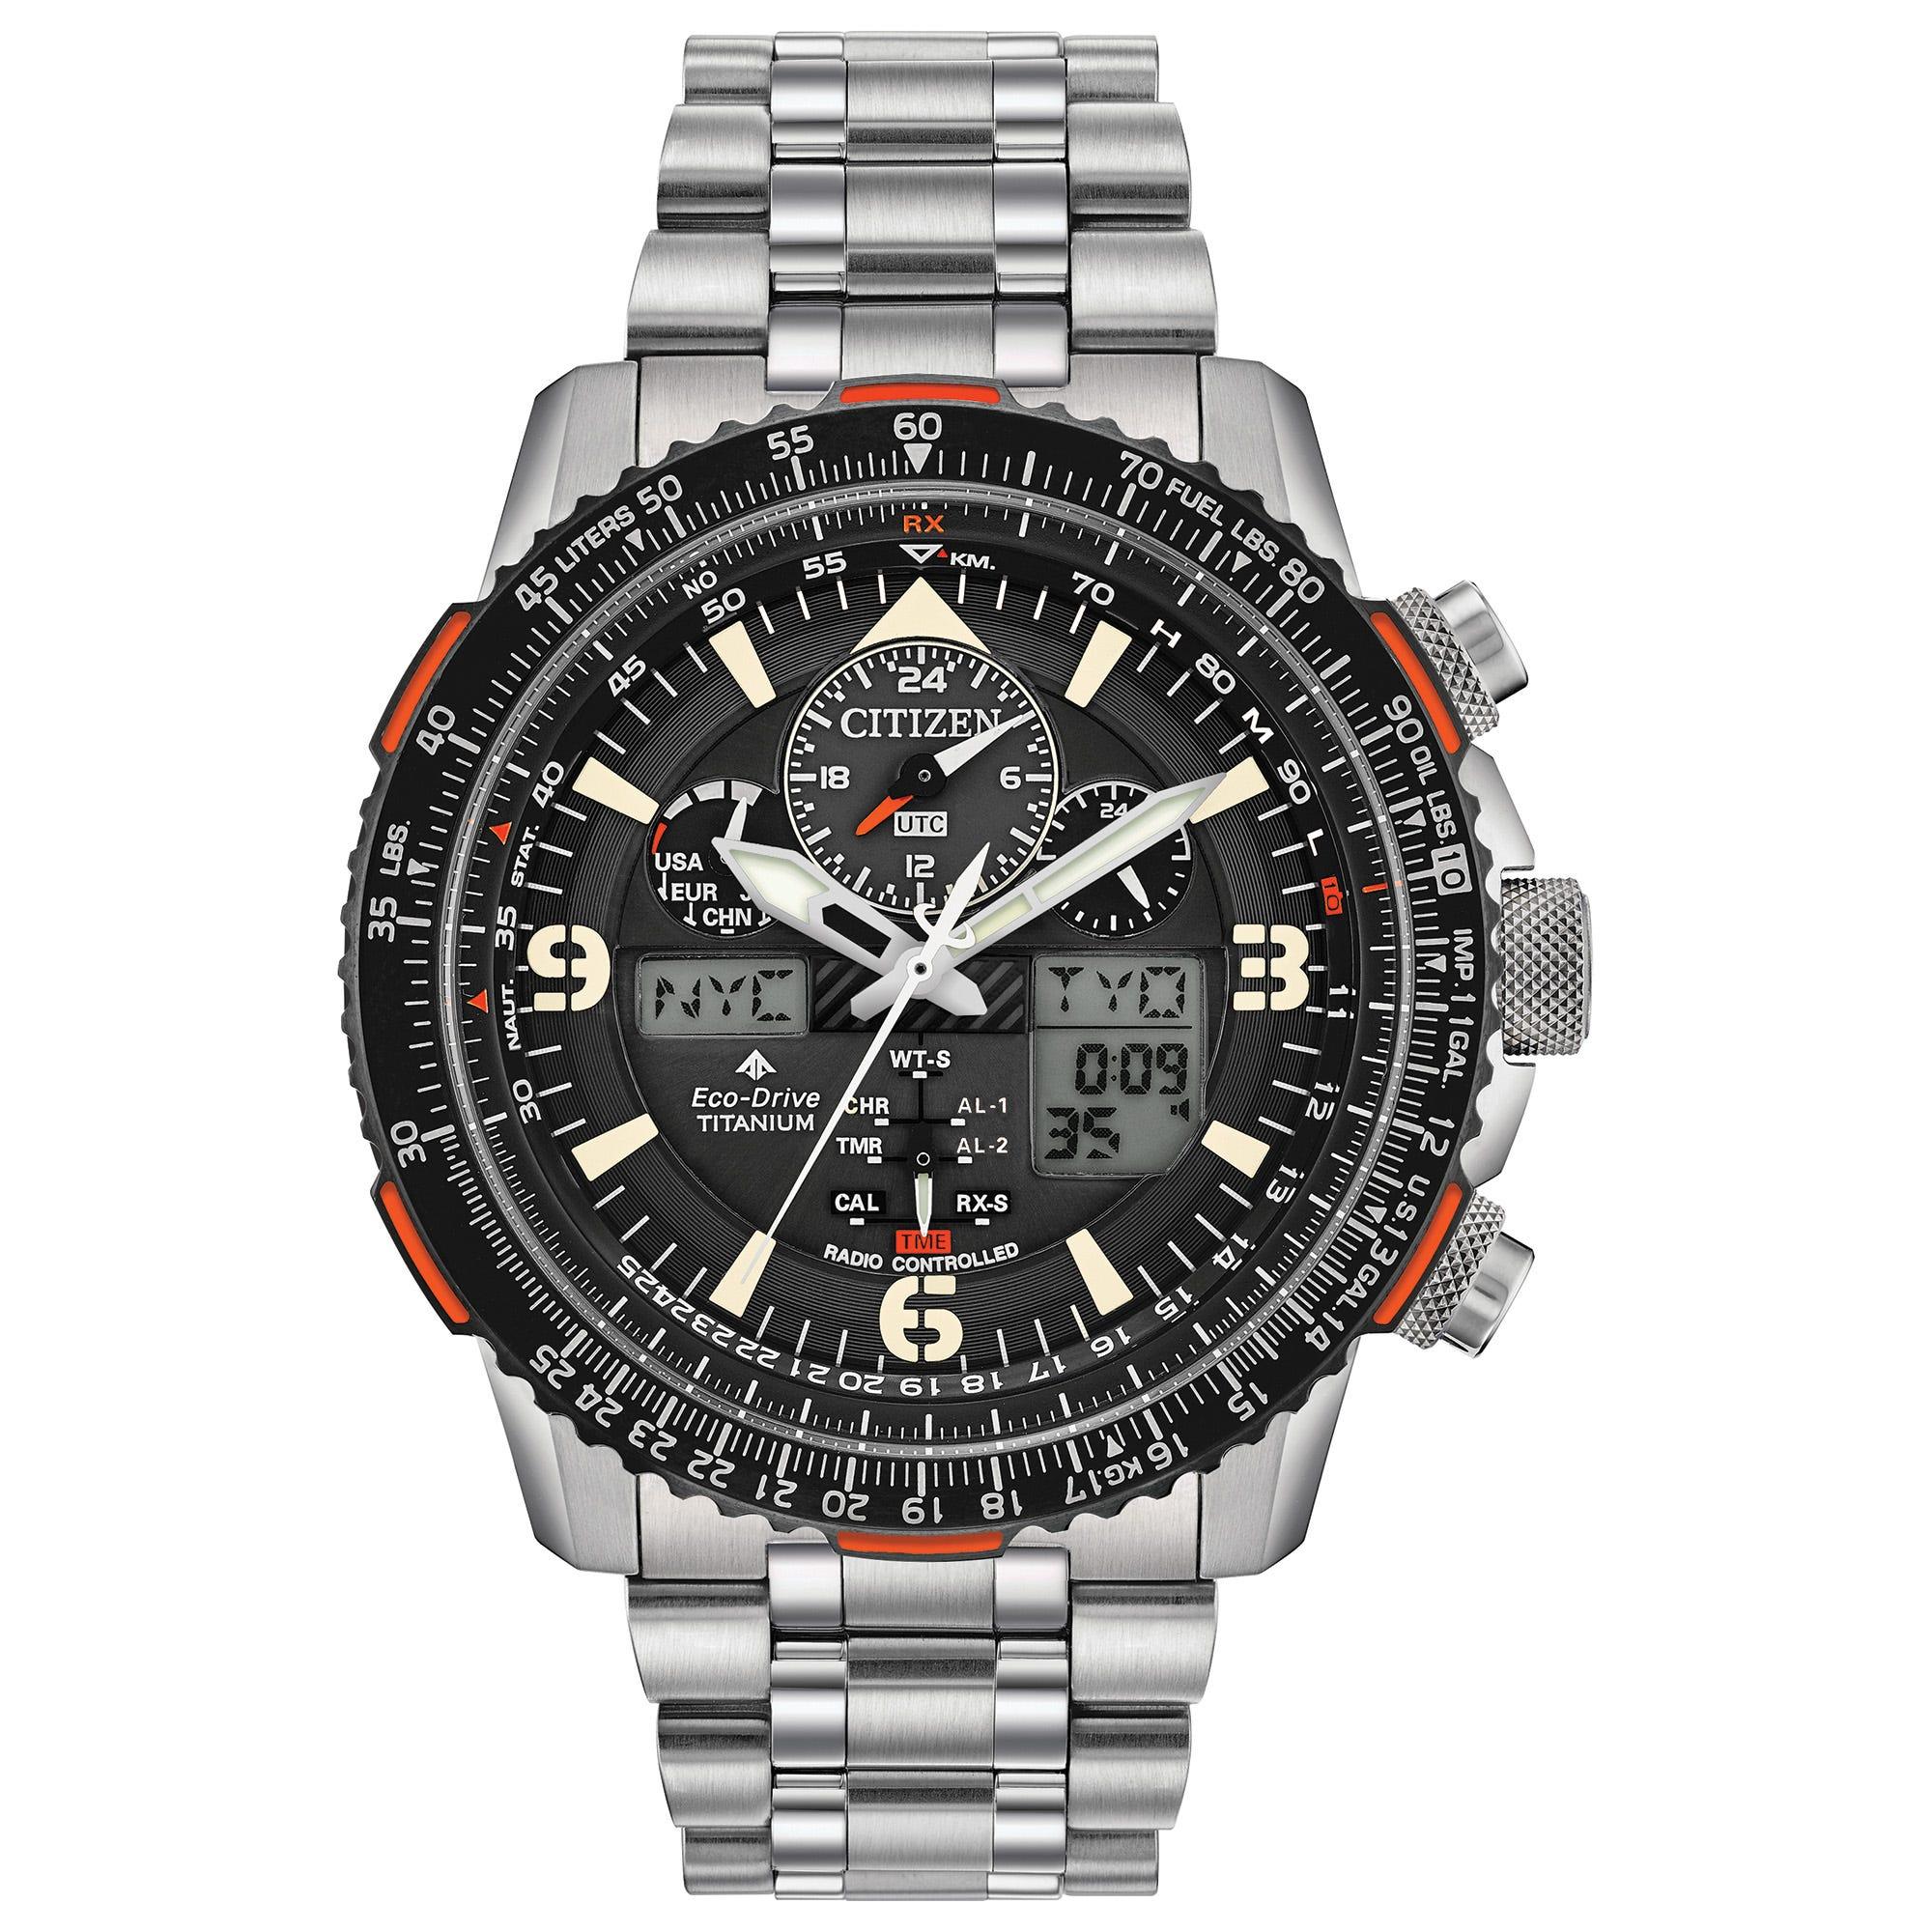 Citizen Men's Promaster Skyhawk A-T Watch JY8108-53E